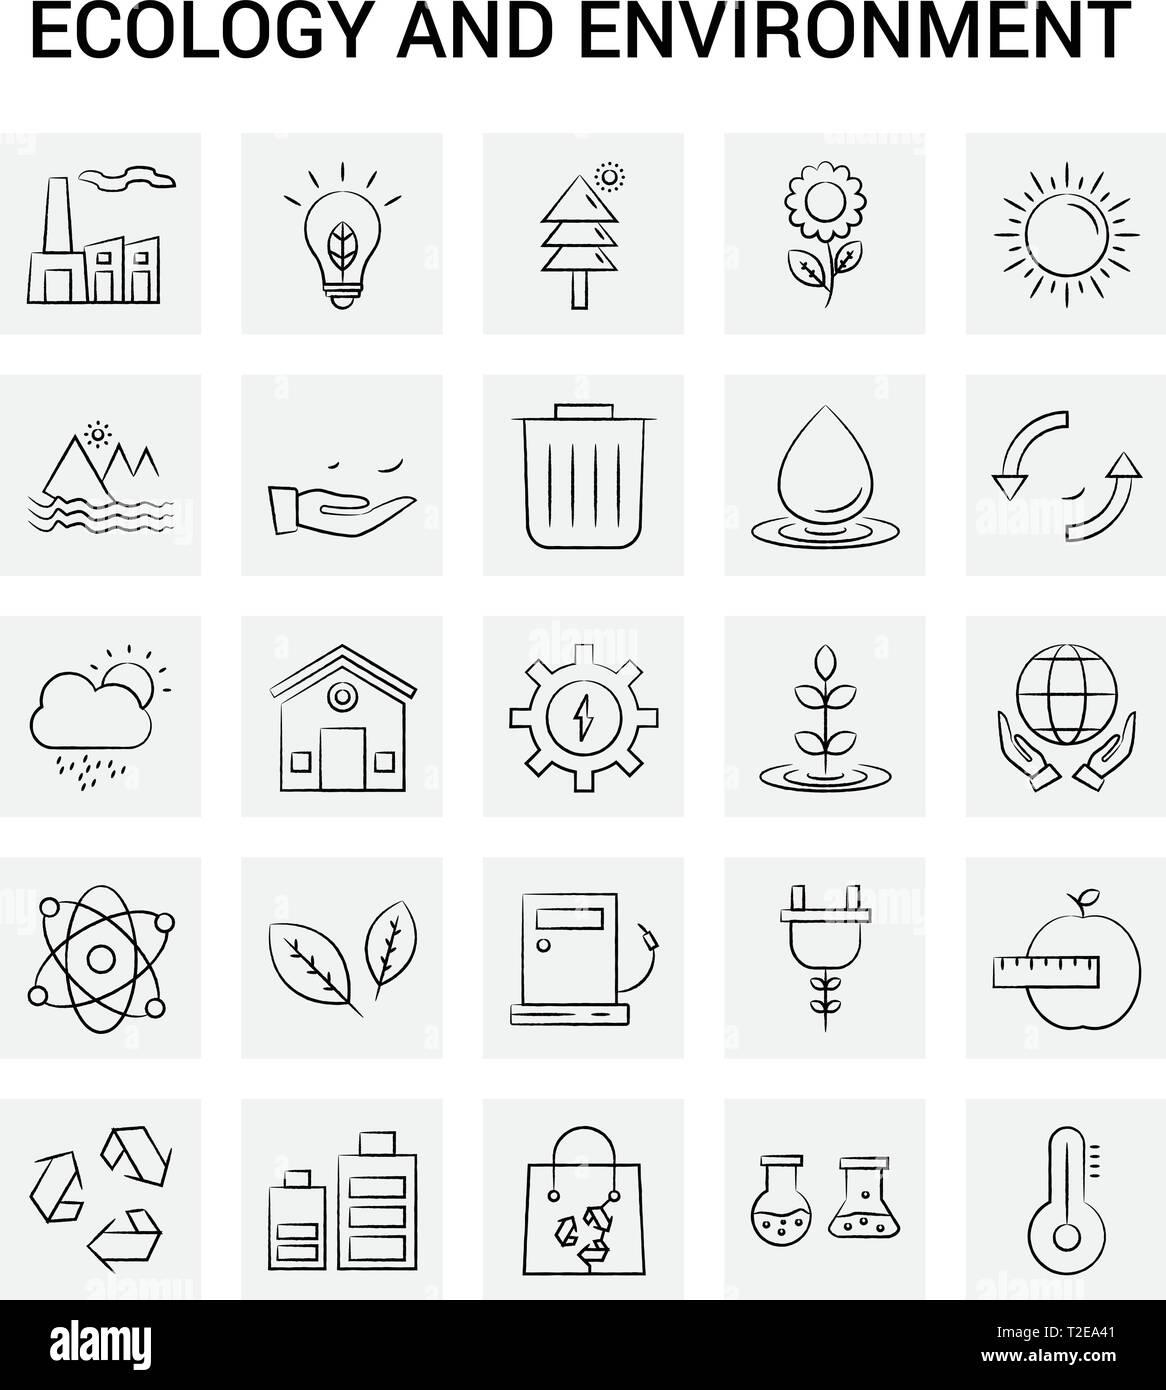 25 Hand Drawn Écologie et environnement icon set. Doodle Vecteur Fond gris Illustration de Vecteur